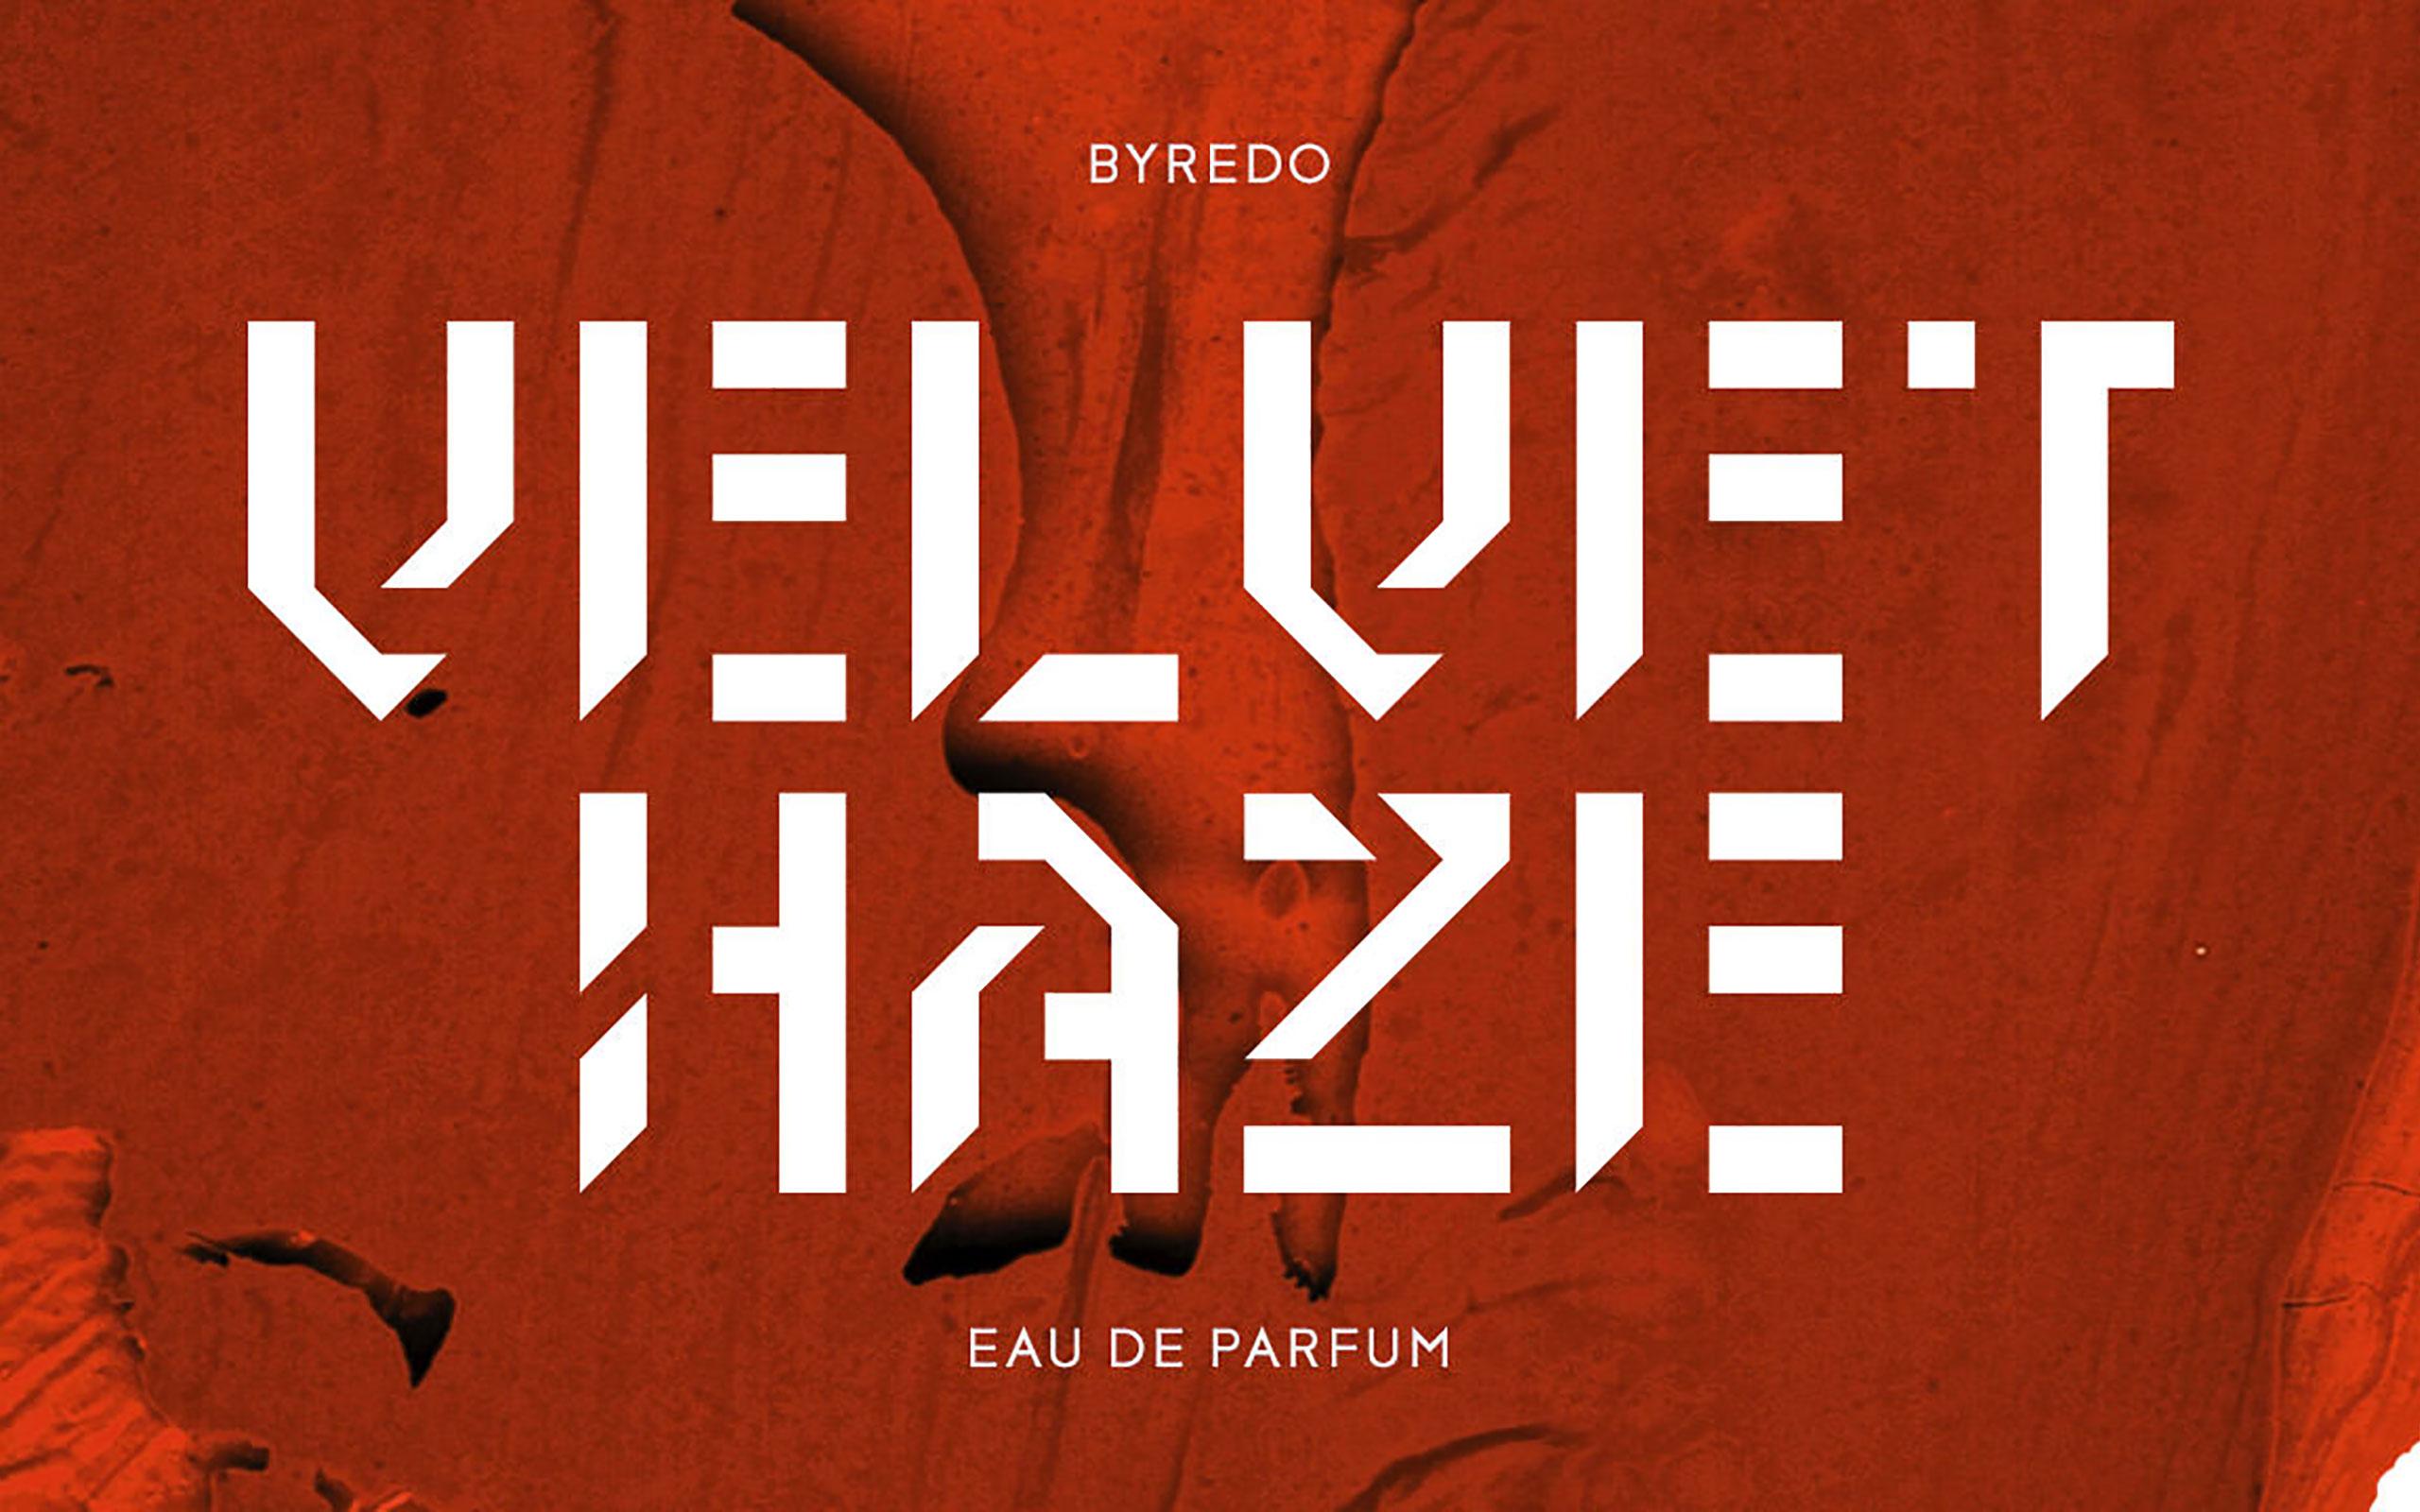 BYREDO Launches New Eau De Parfum 'VELVET HAZE'